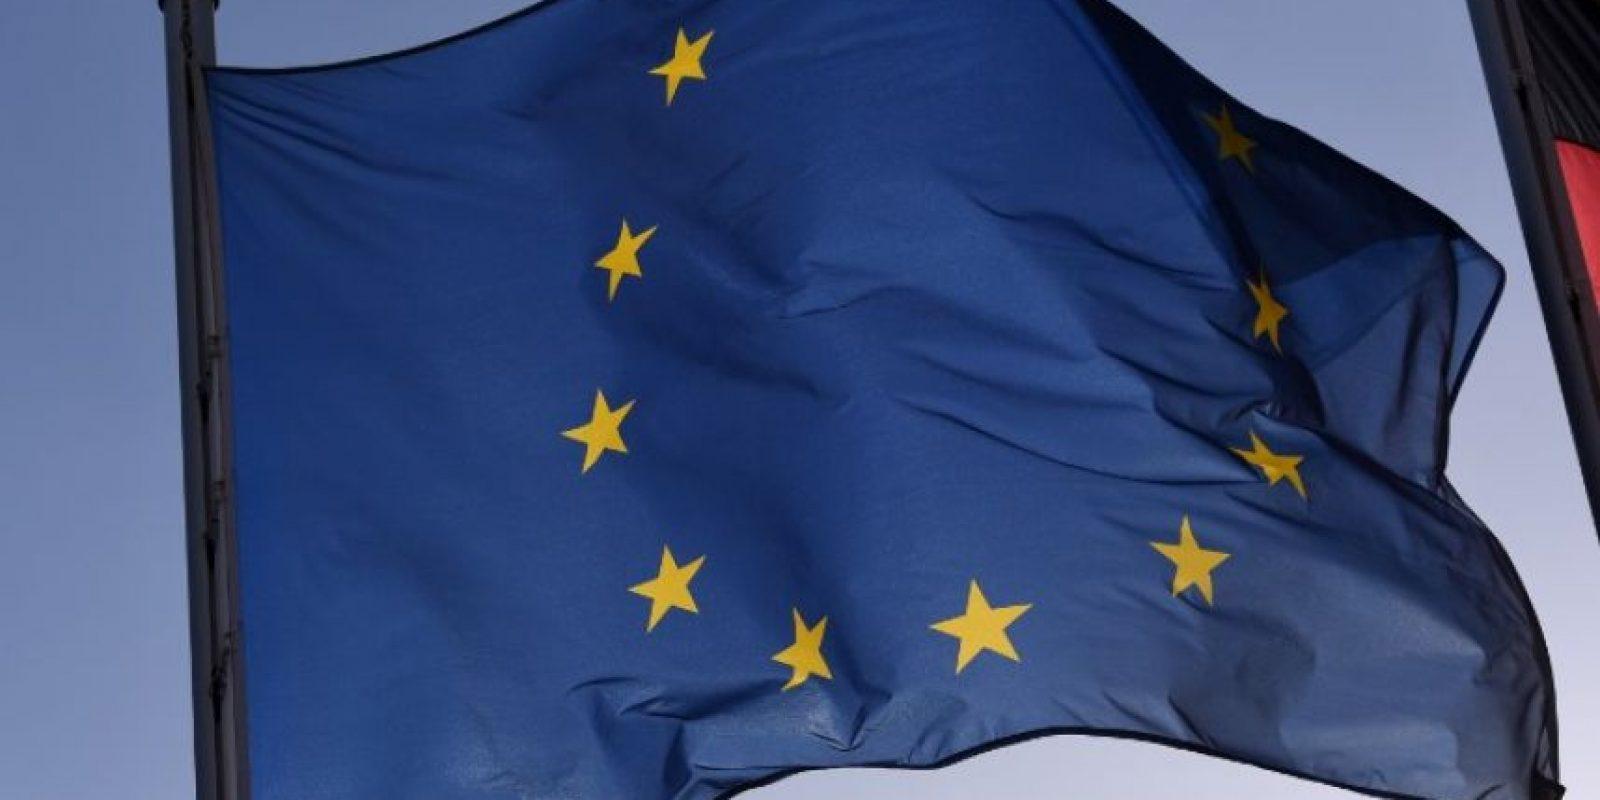 Bandera de la UE en una sede en Europa. Foto:AFP